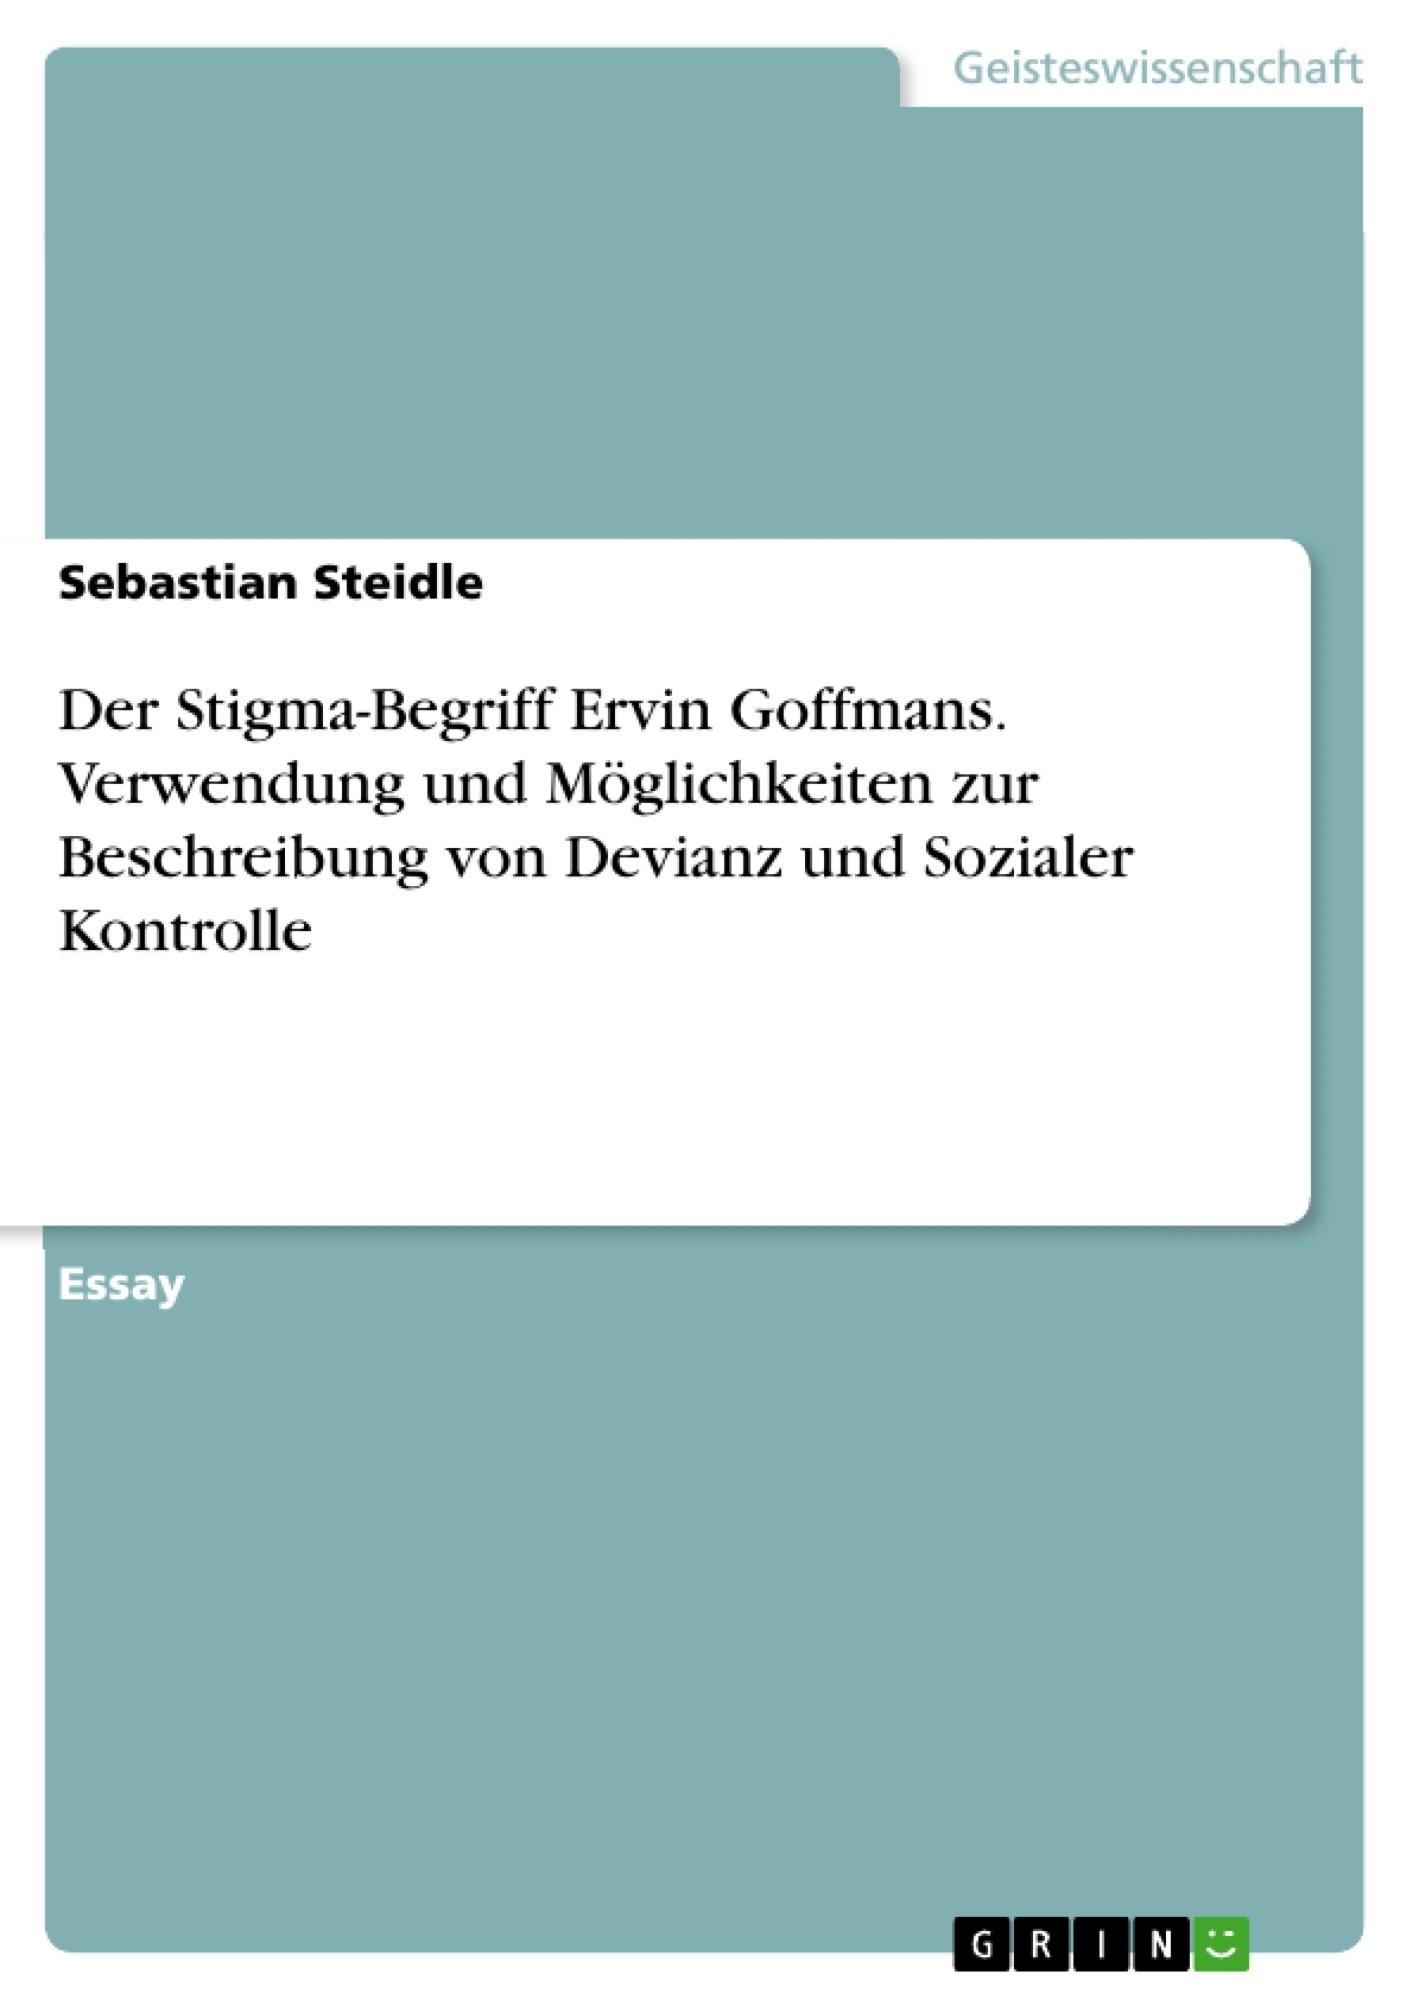 Titel: Der Stigma-Begriff Ervin Goffmans. Verwendung und Möglichkeiten zur Beschreibung von Devianz und Sozialer Kontrolle